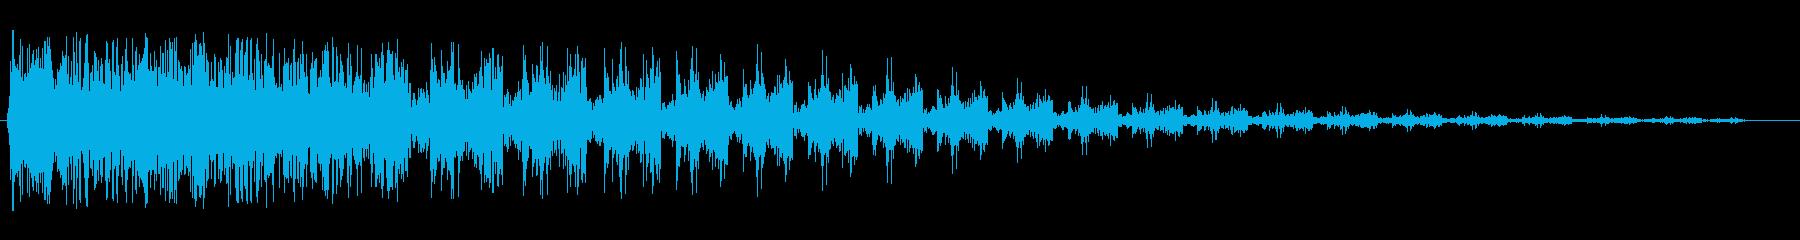 ダンダジャジャ…(クイズ開始、問題です)の再生済みの波形